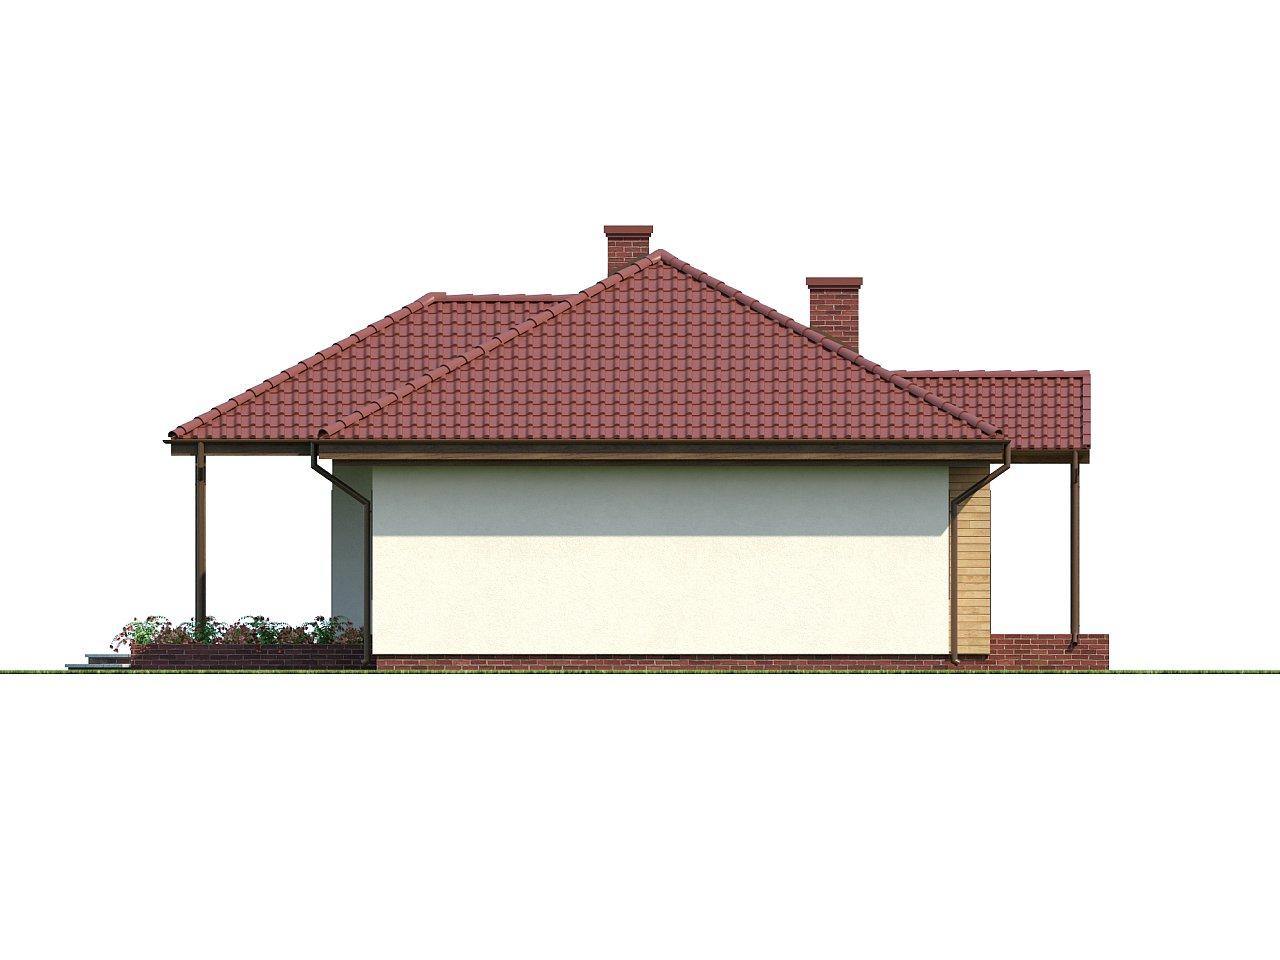 Симметричный одноэтажный дом с многоскатной кровлей. 6